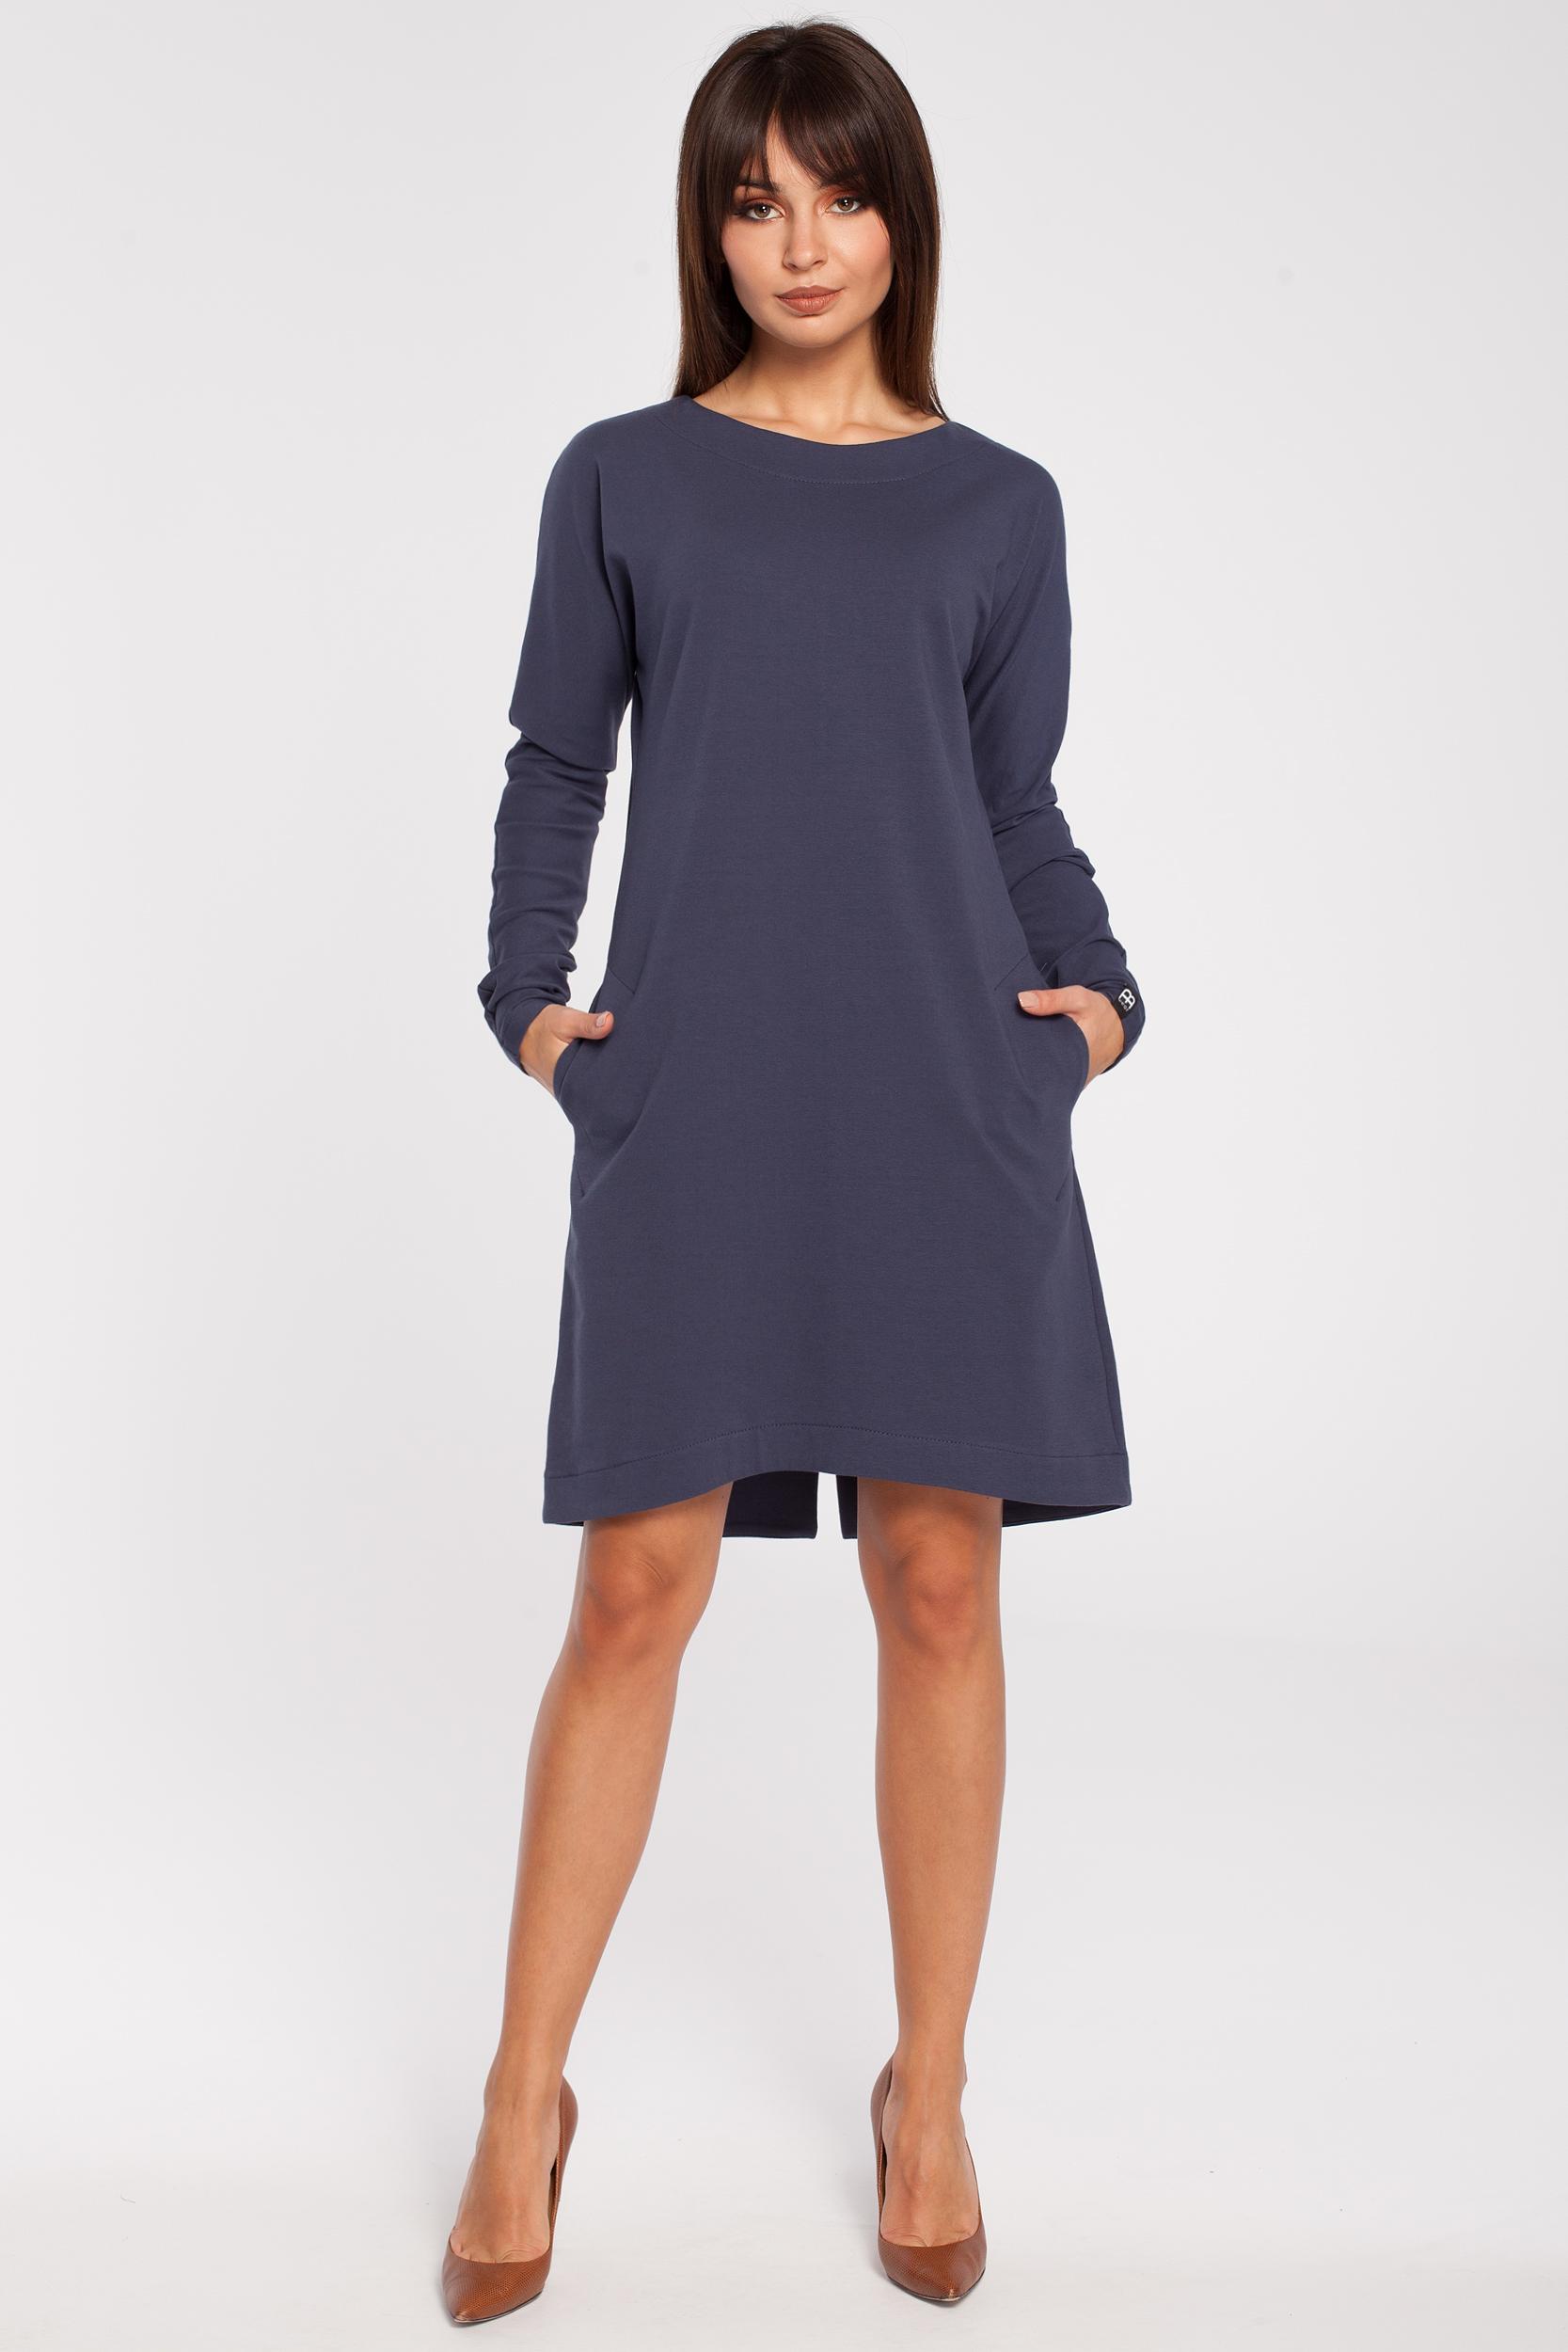 65f1163ddf CM2791 Trapezowa sukienka z długim rękawem - niebieska ...